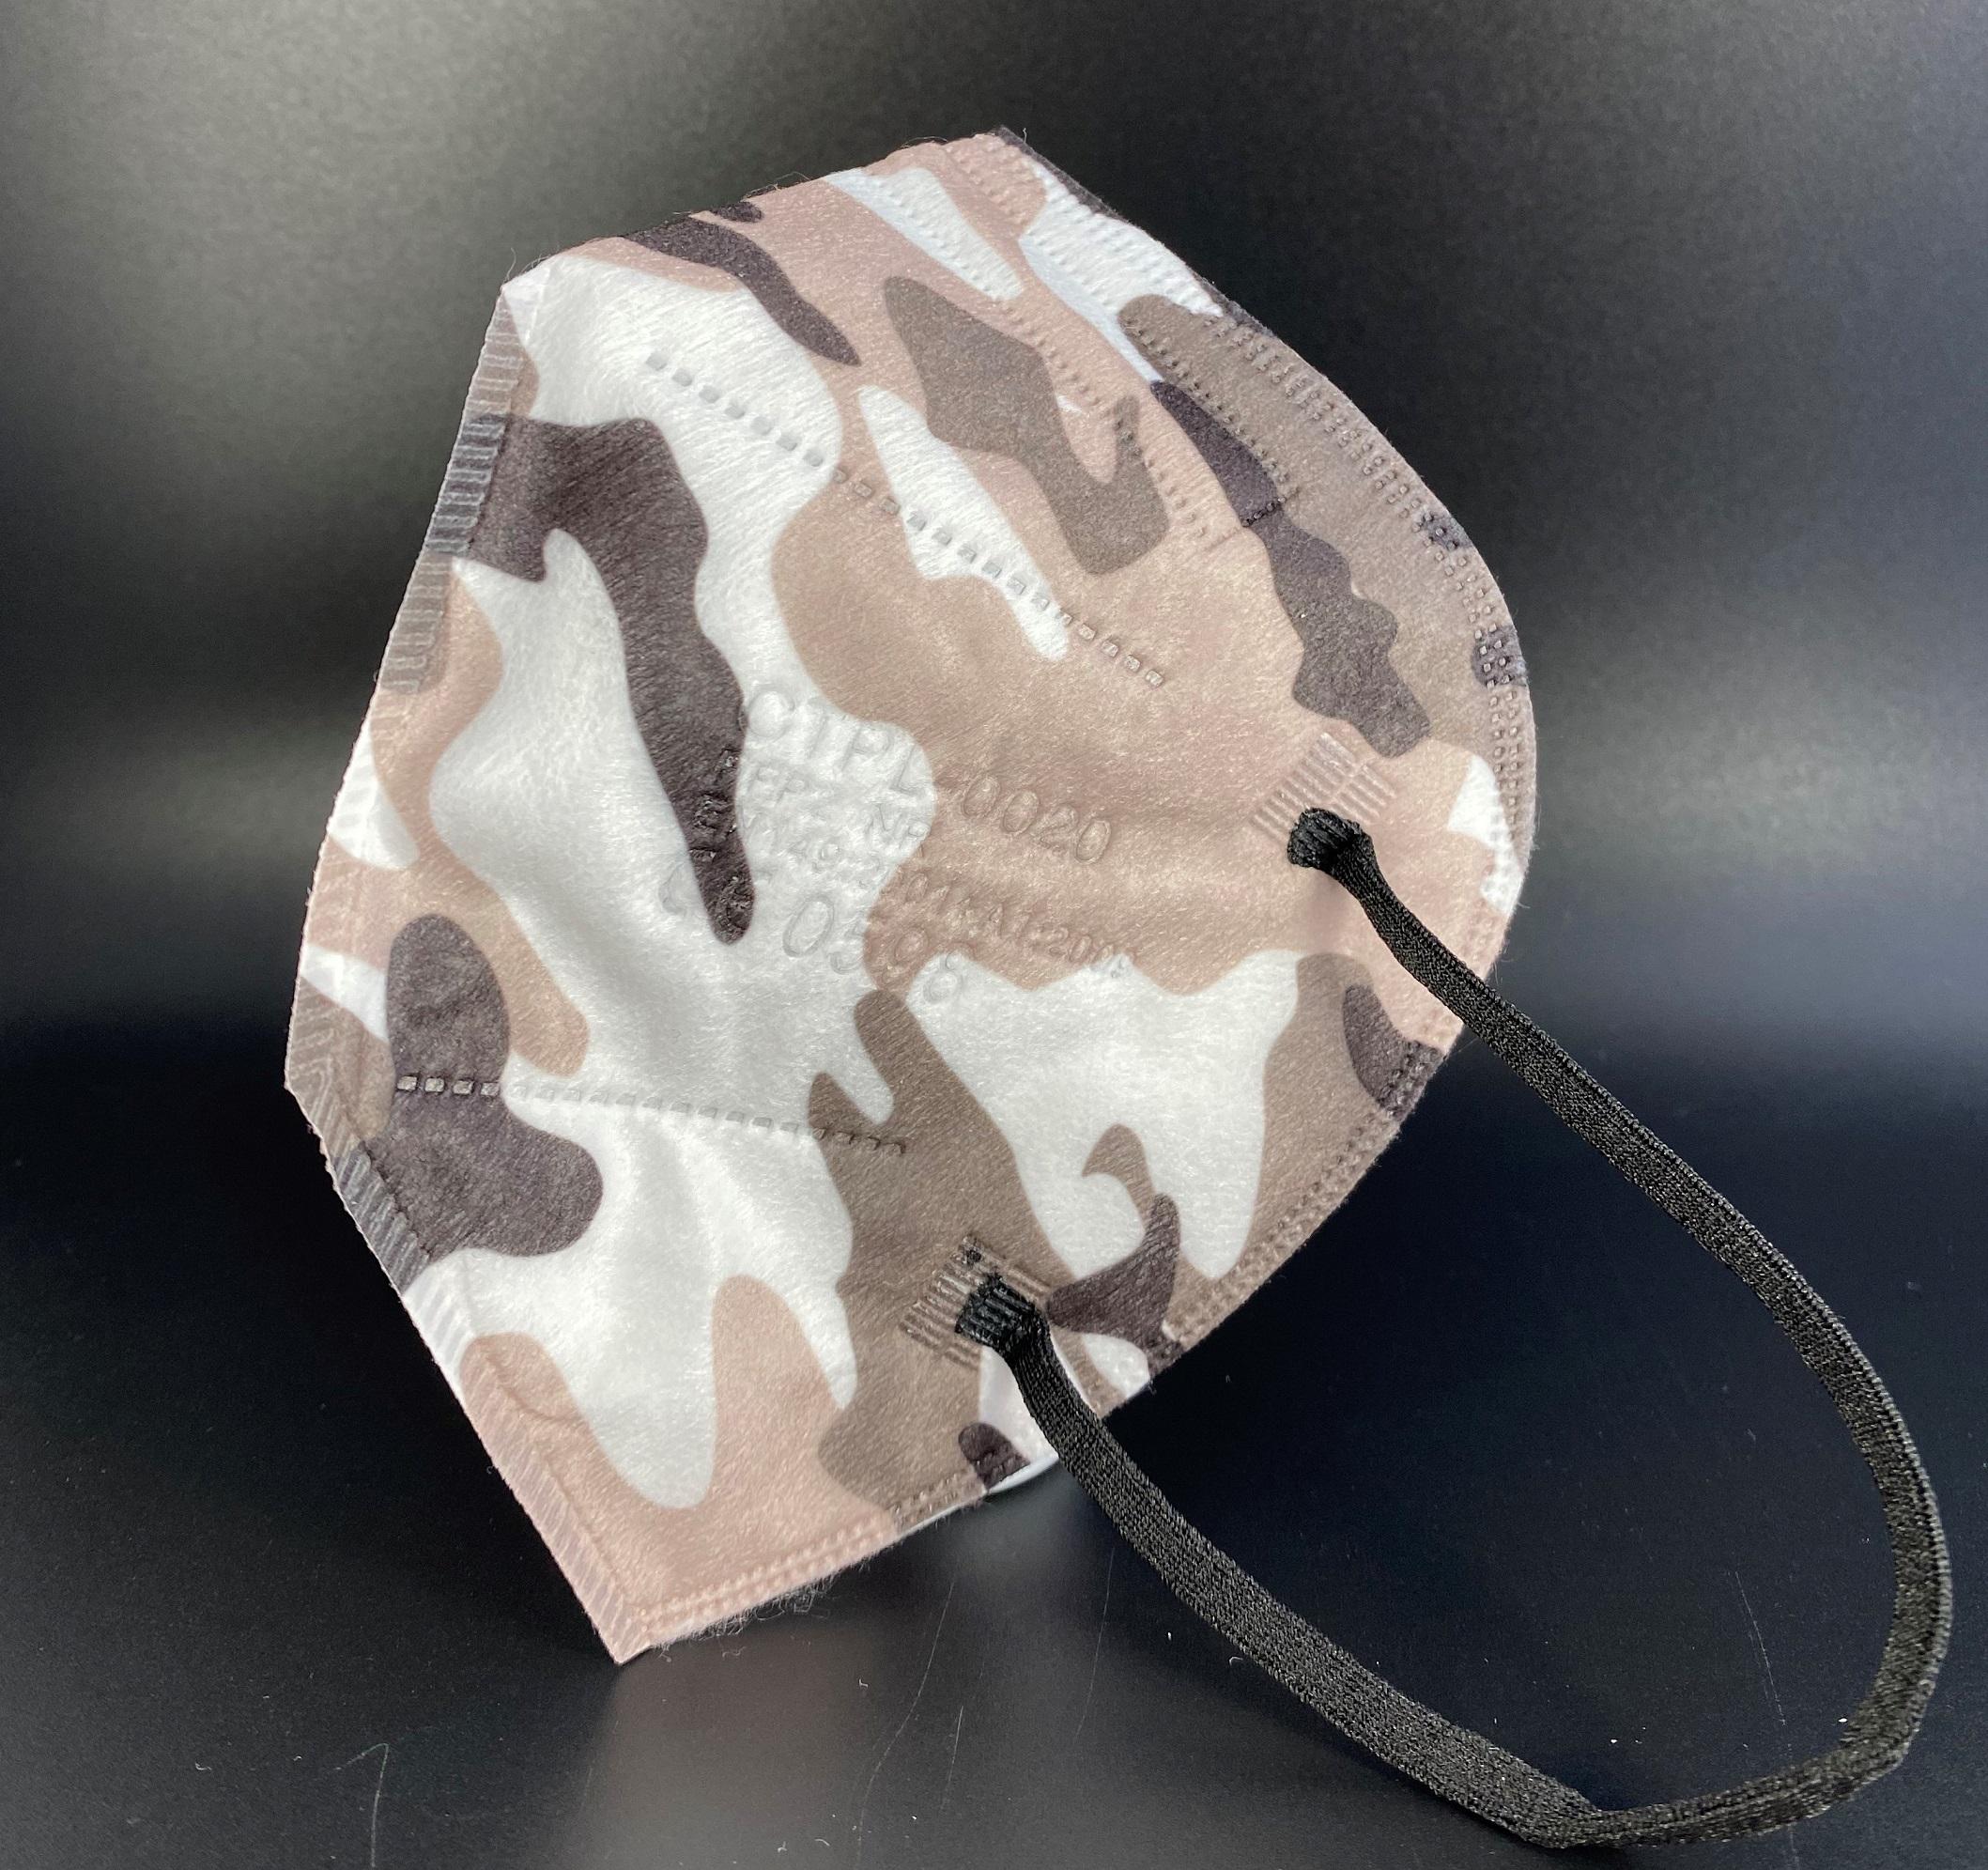 CTPL-0020 FFP2 NR Maske CE0598 5-lagig Camouflage